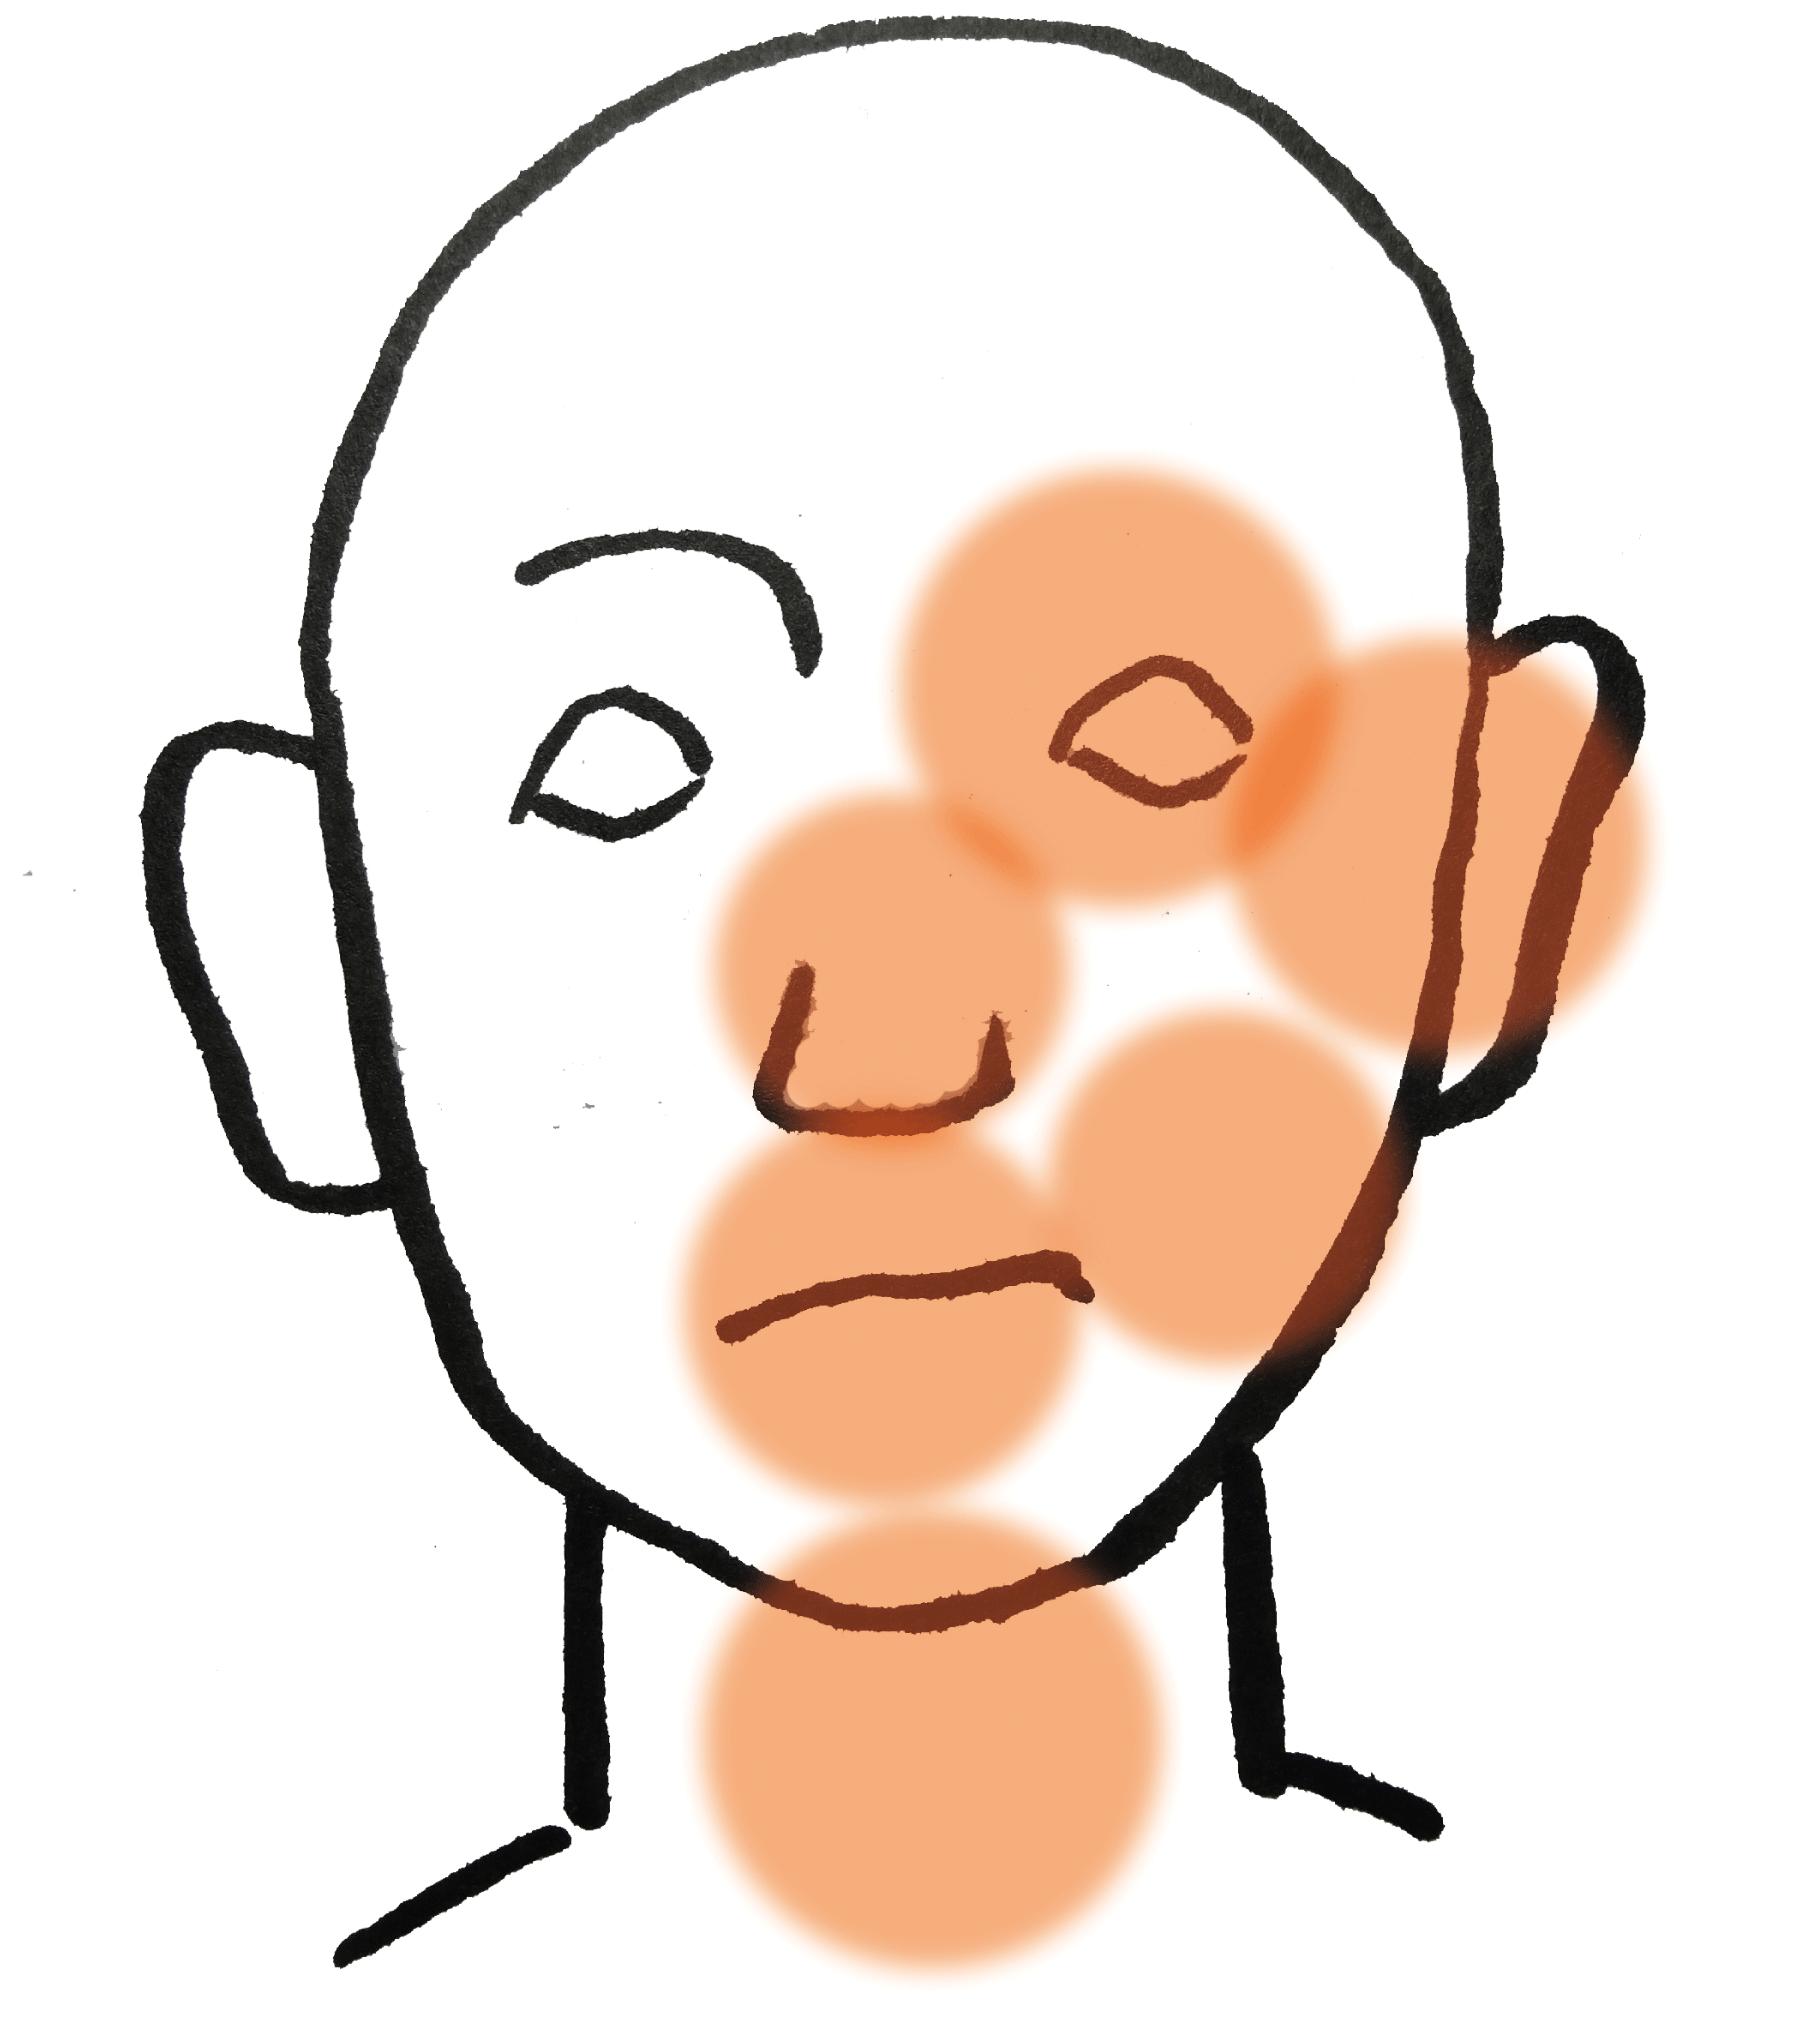 眼科、耳鼻咽喉科に関連した症状